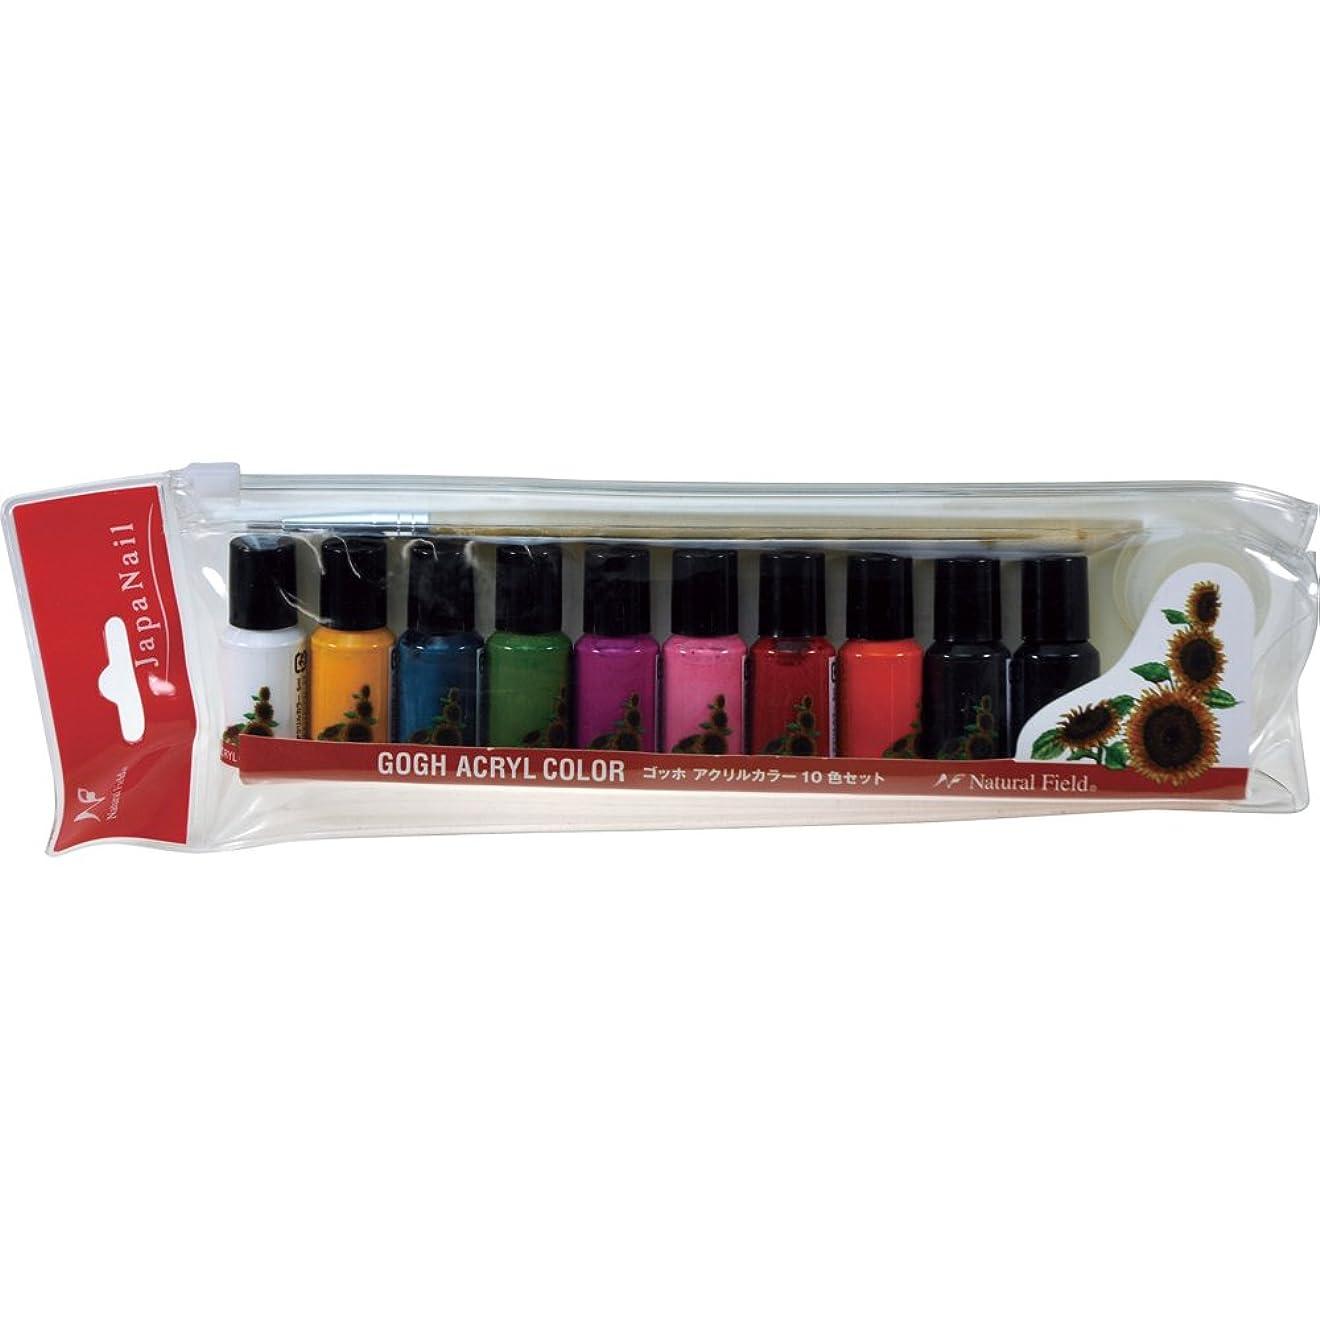 実験的どれか真実にNatural Field ゴッホアクリルカラー 10色セット